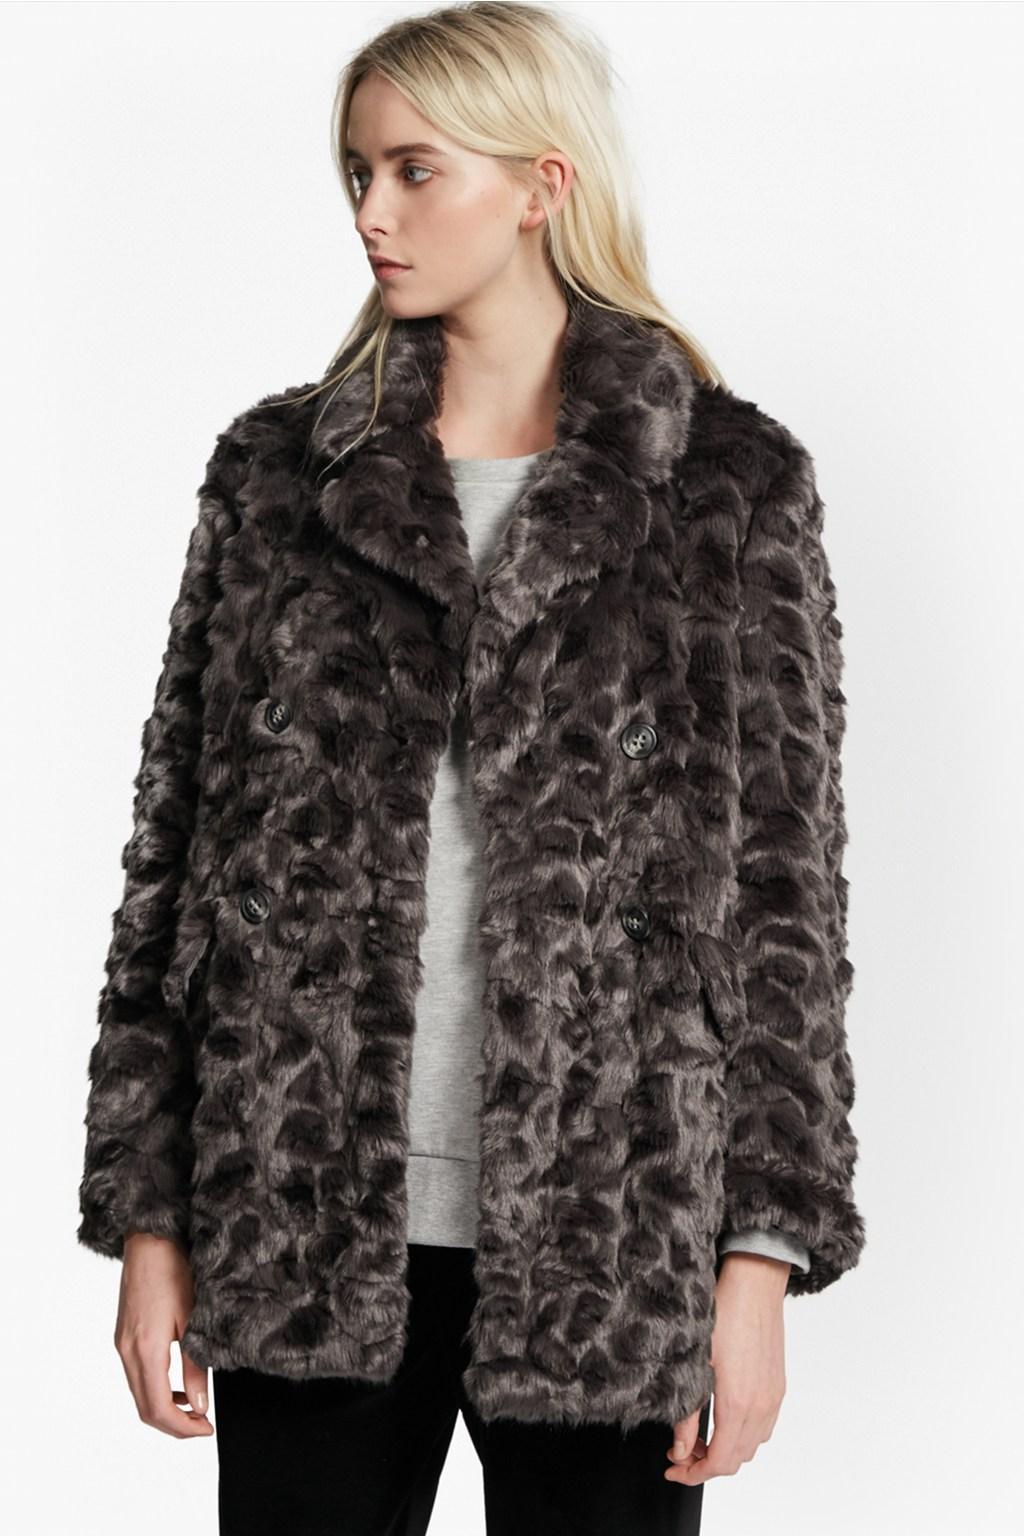 fausse fourrure ces manteaux qui nous font passer l 39 hiver en. Black Bedroom Furniture Sets. Home Design Ideas